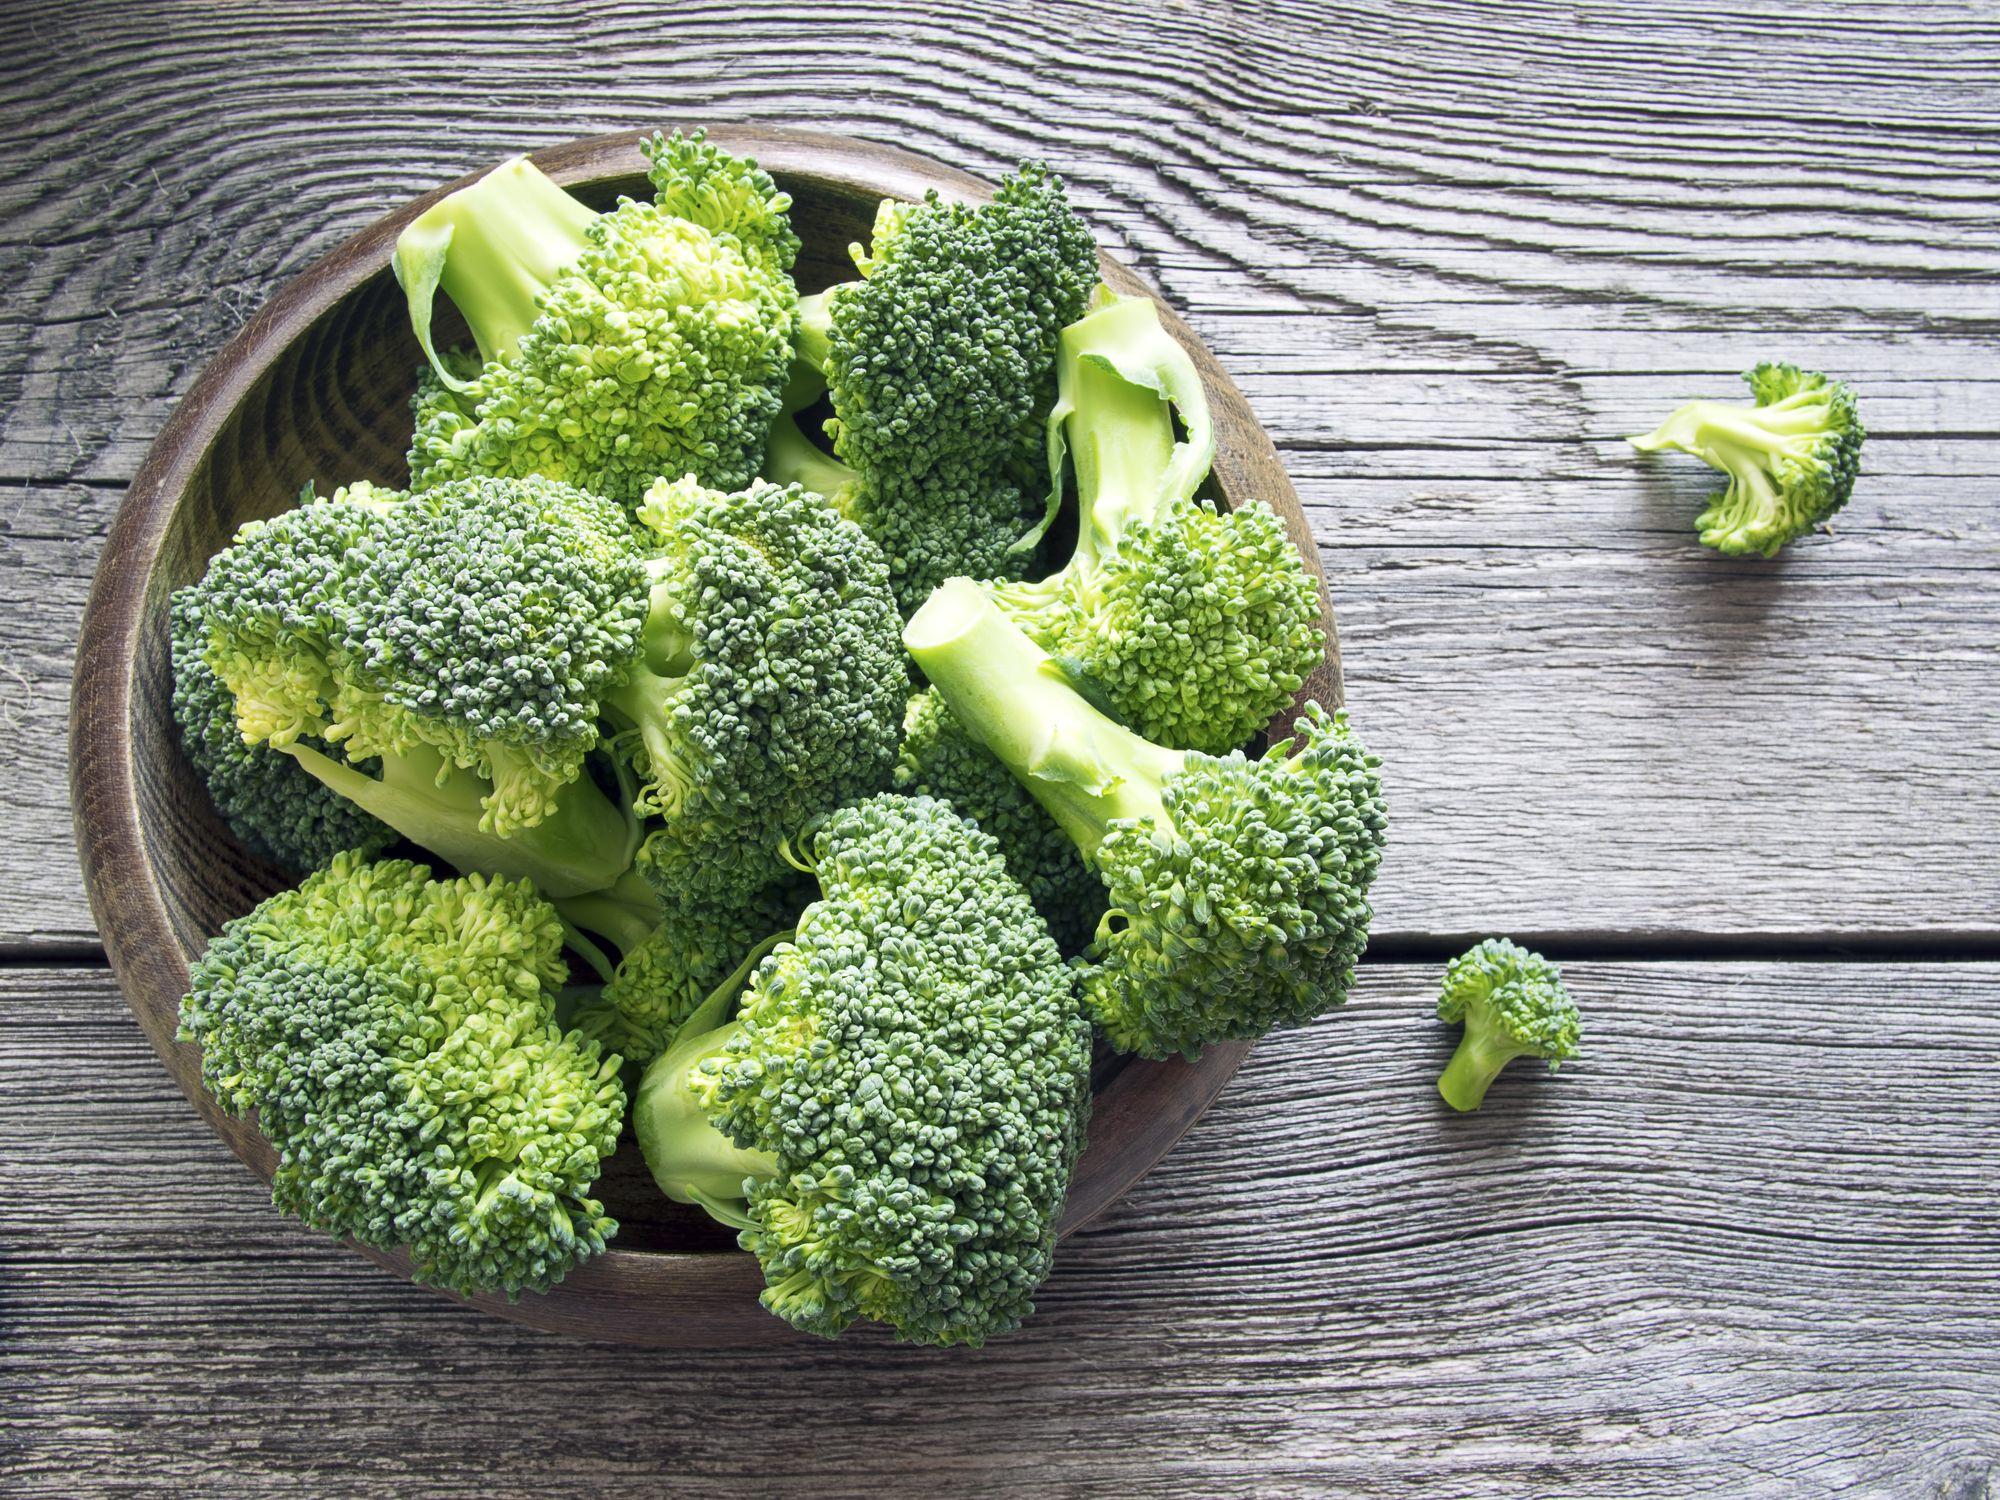 El brócoli es el alimento antioxidante estrella.